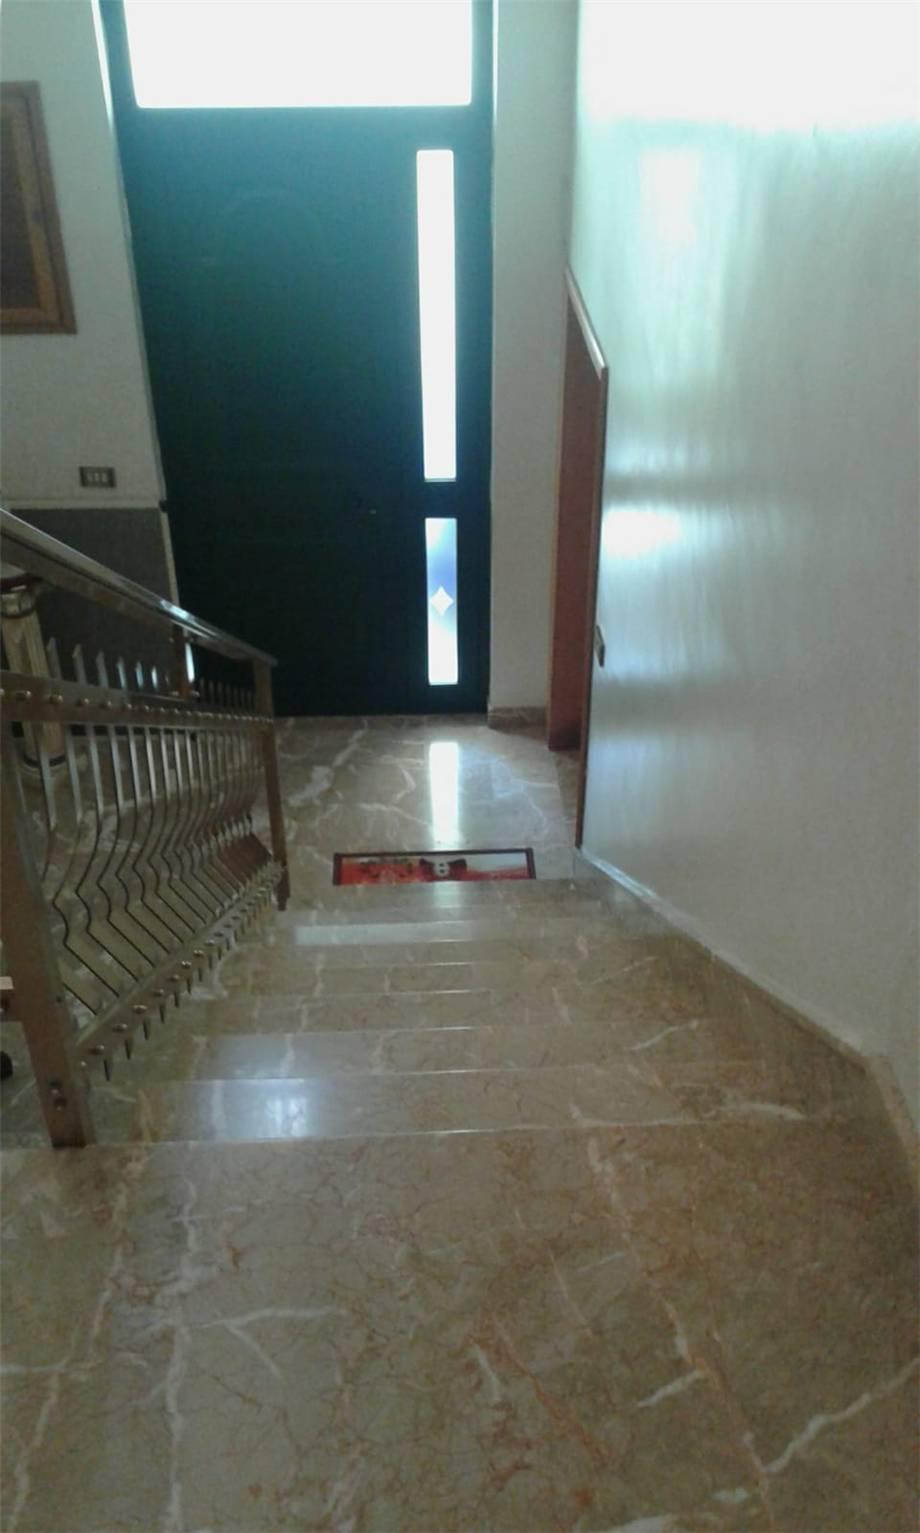 Verkauf Villa/Einzelhaus Rosolini  #31C n.3